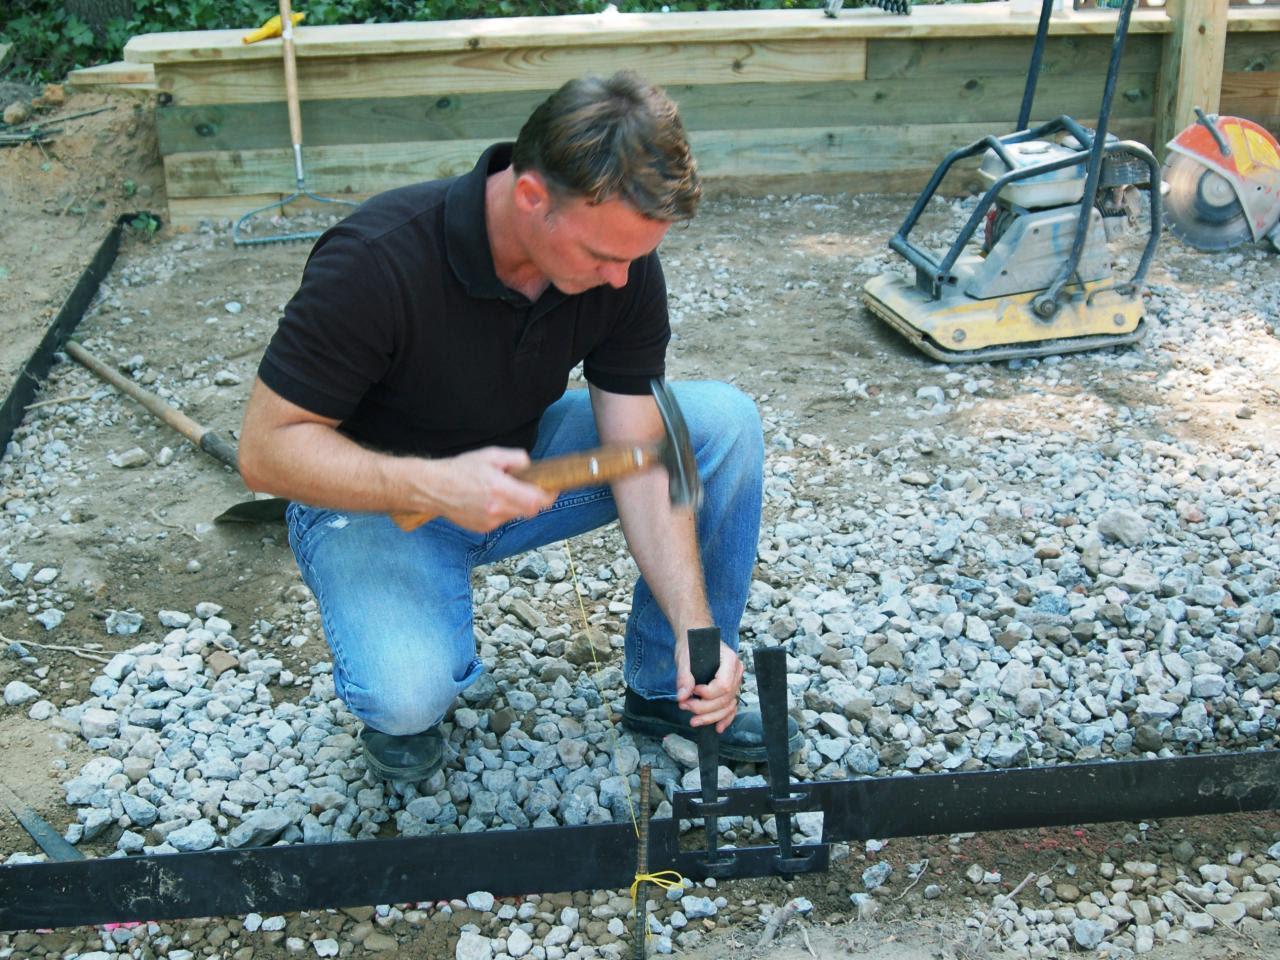 Building a Paver Patio   how-tos   DIY